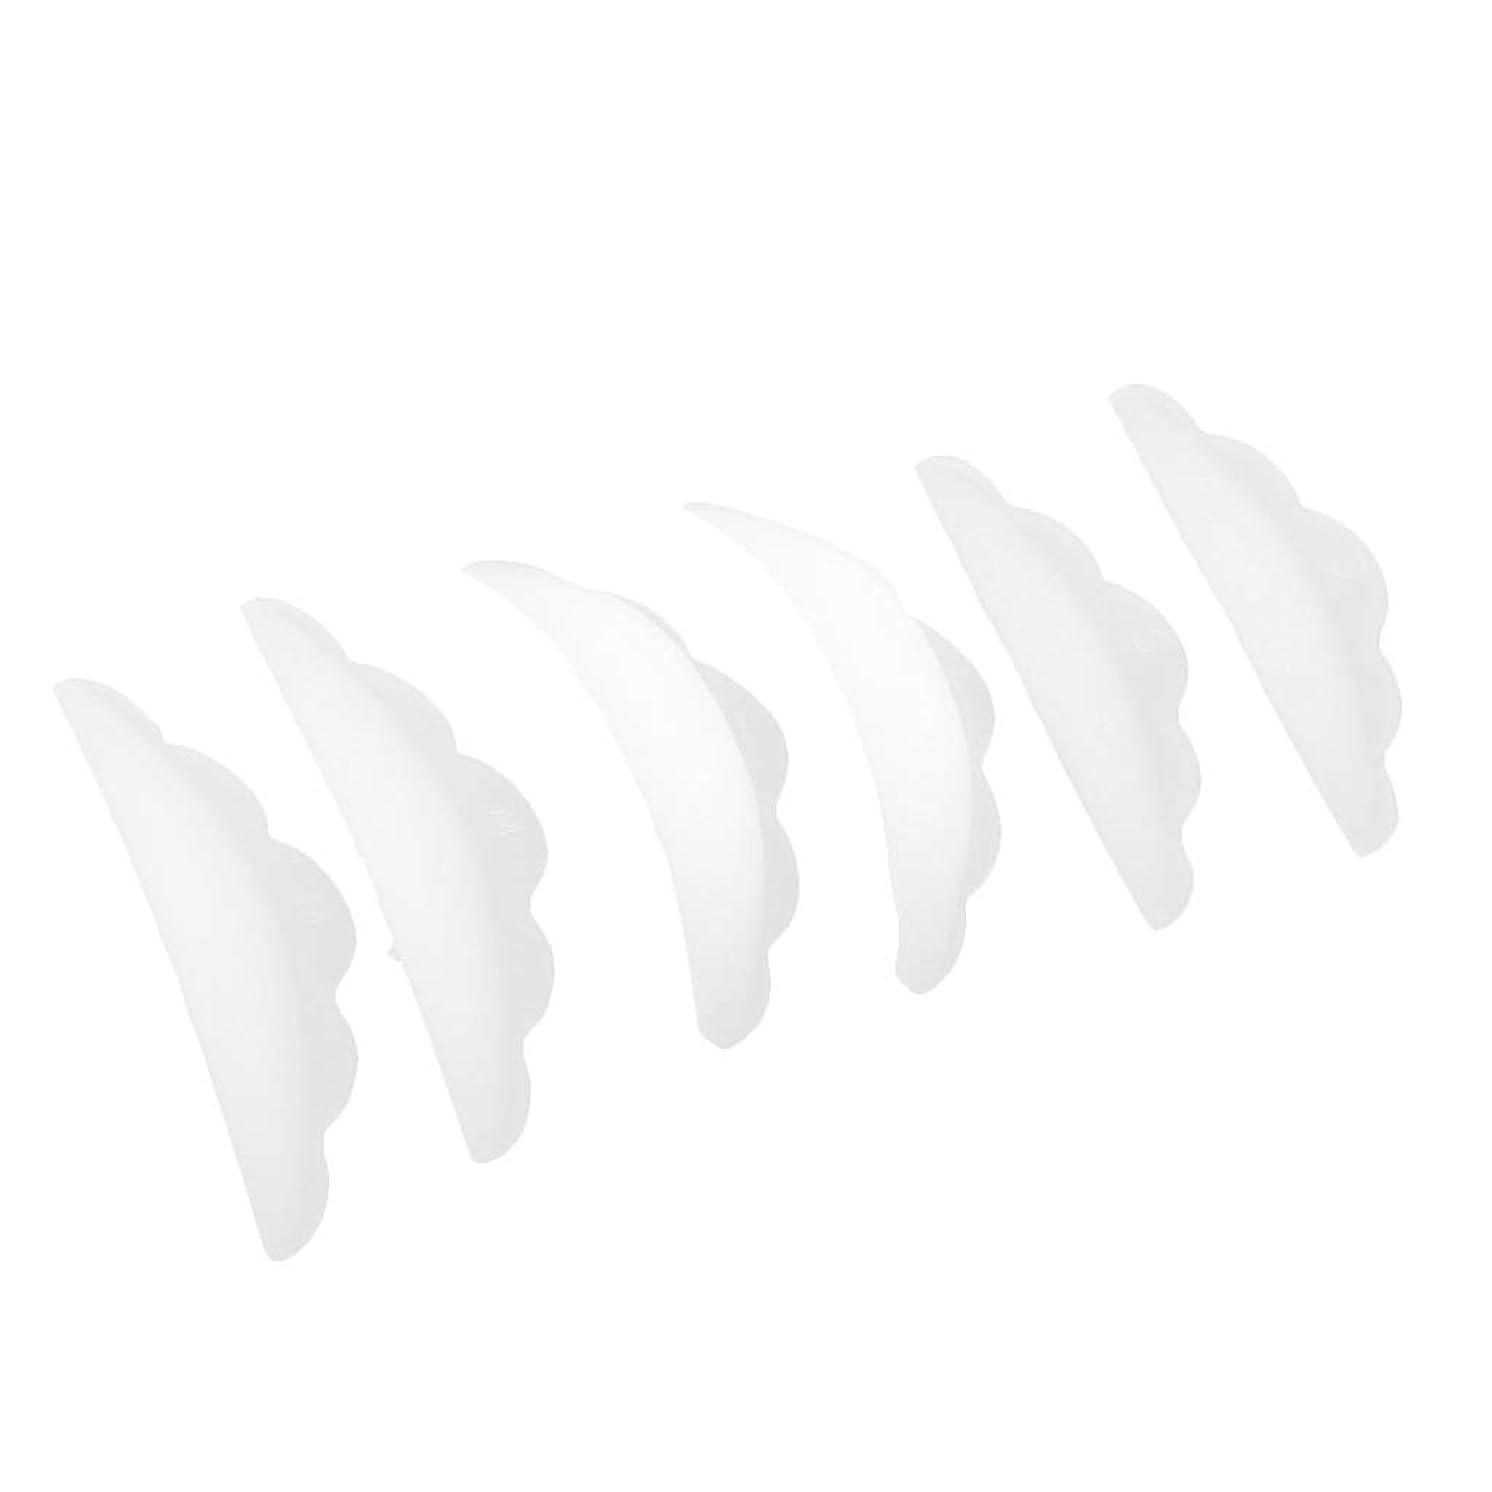 歩き回るイースター謎CUTICATE まつげ エクステンション パーマパッド まつげ 3Dシリコーン 柔らかく 快適 3ペア入り